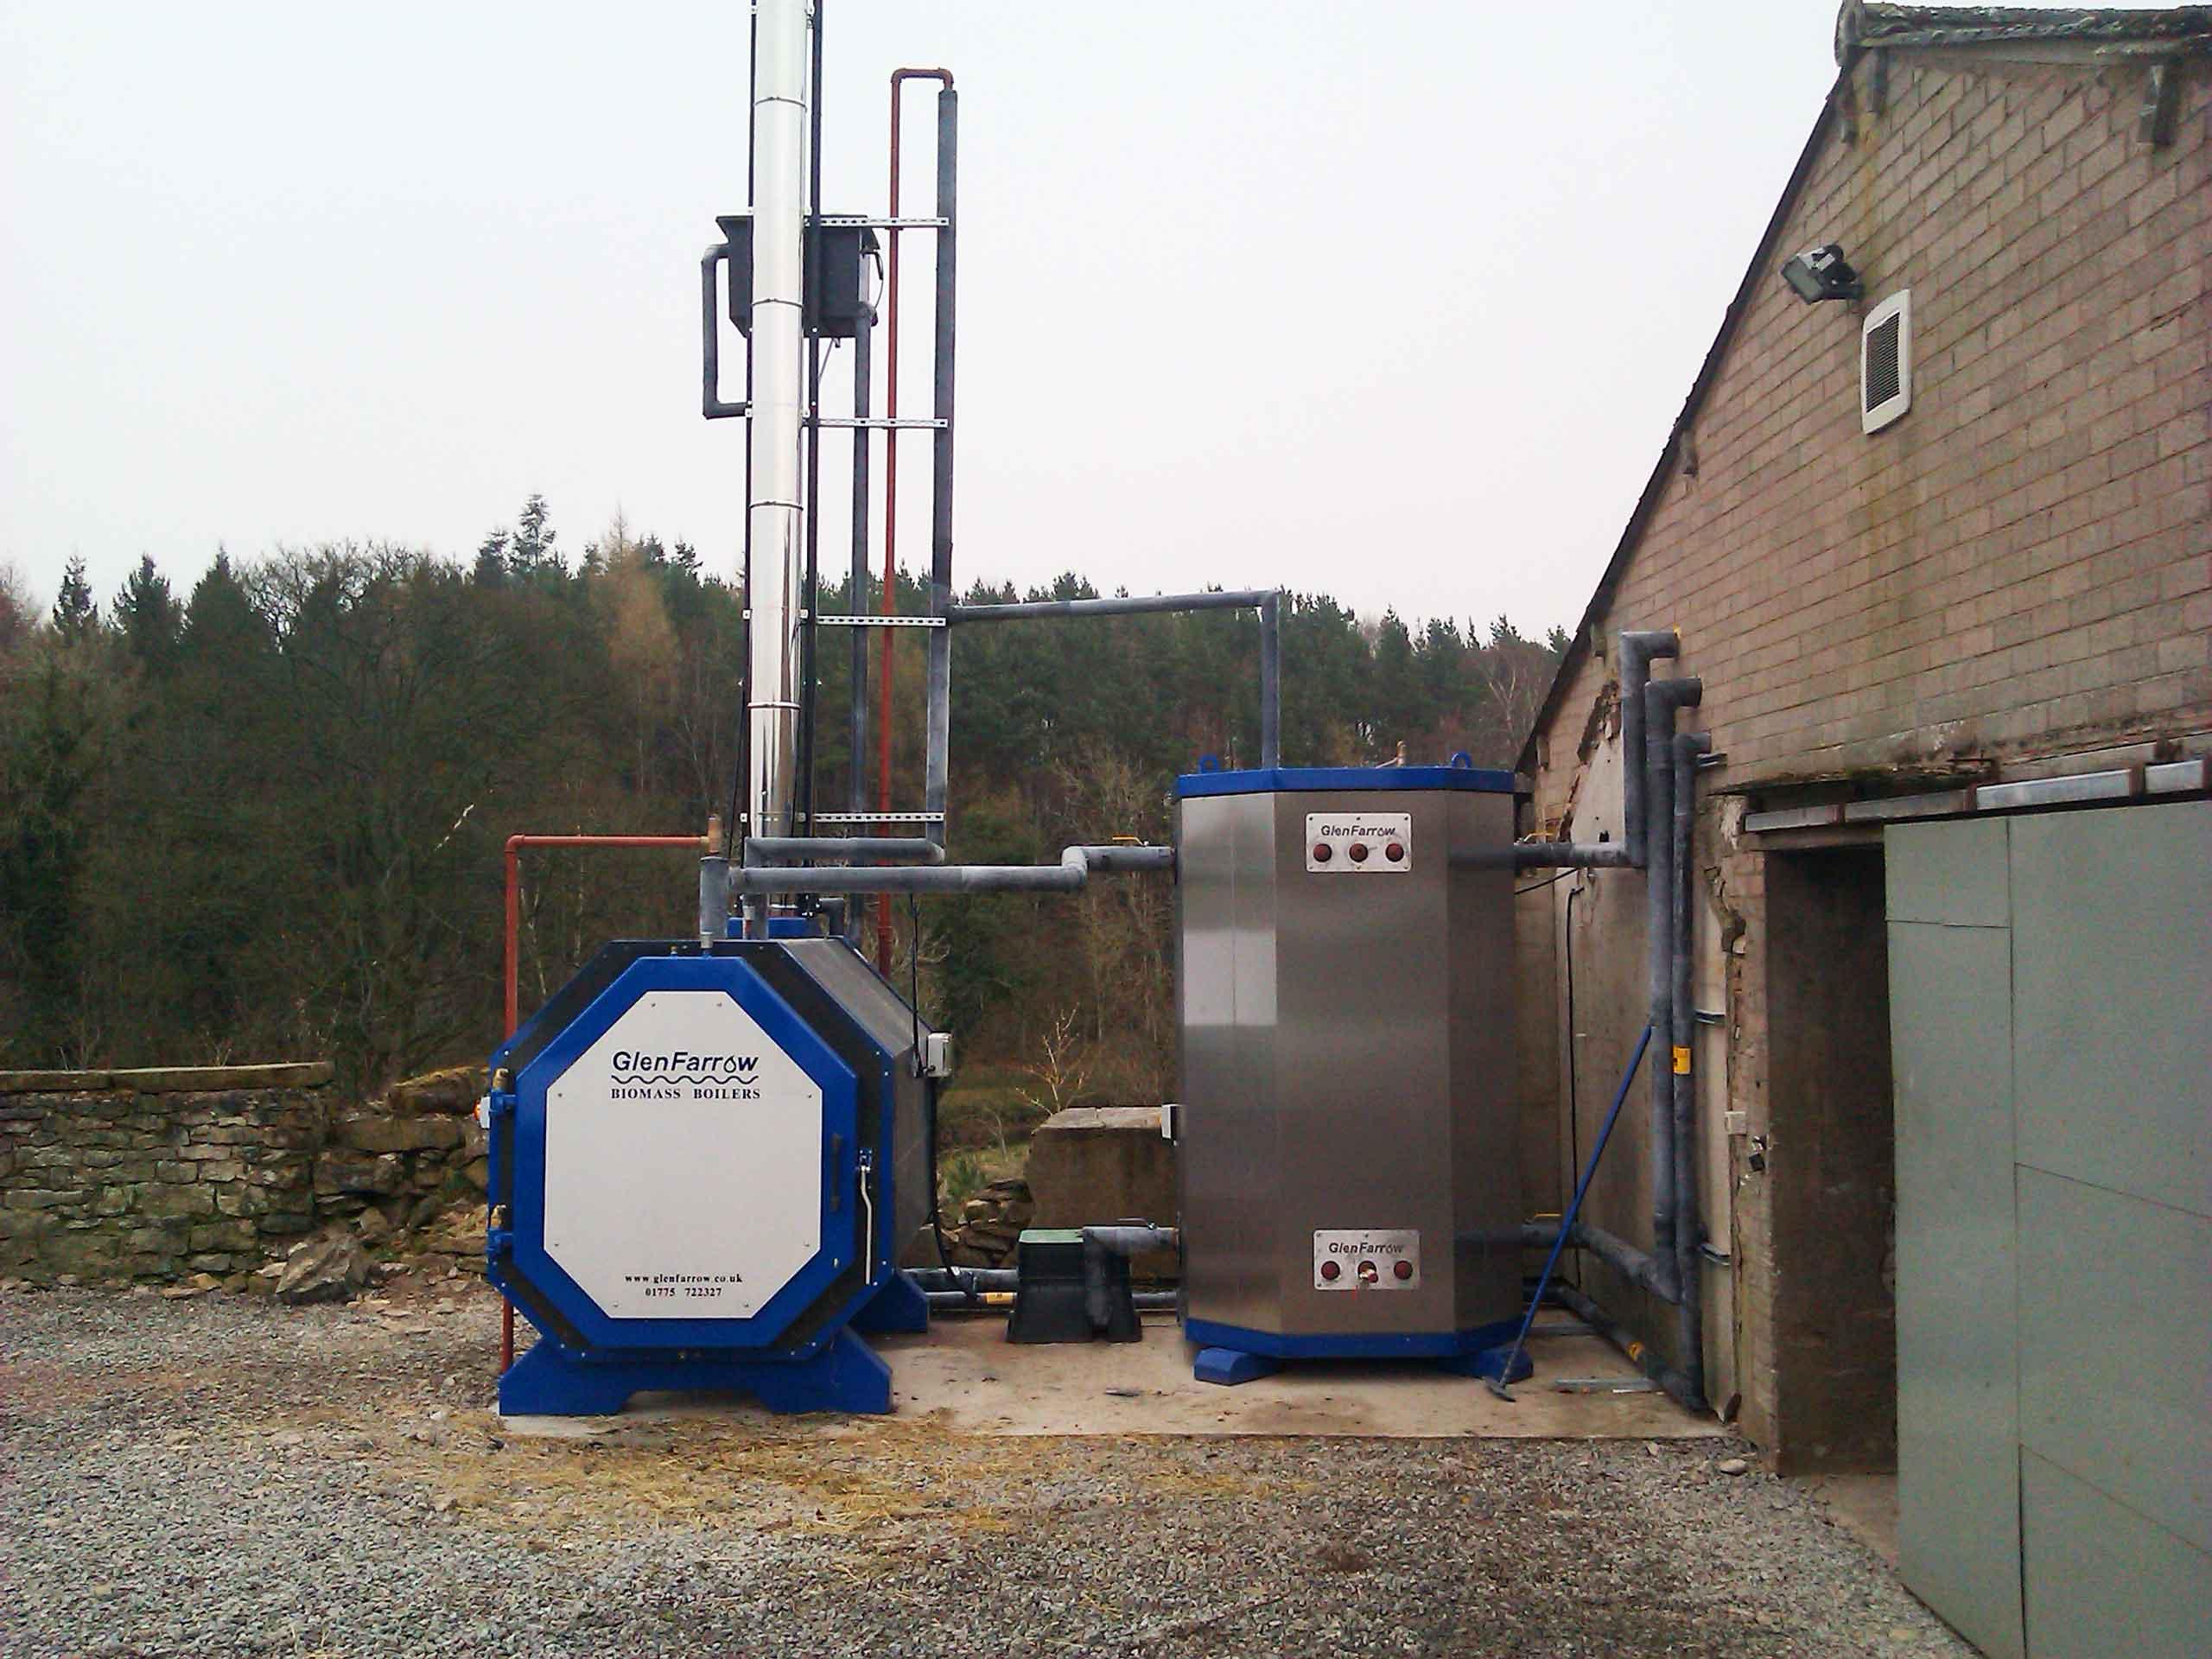 GlenFarrow's latest RHI accredited boiler installation